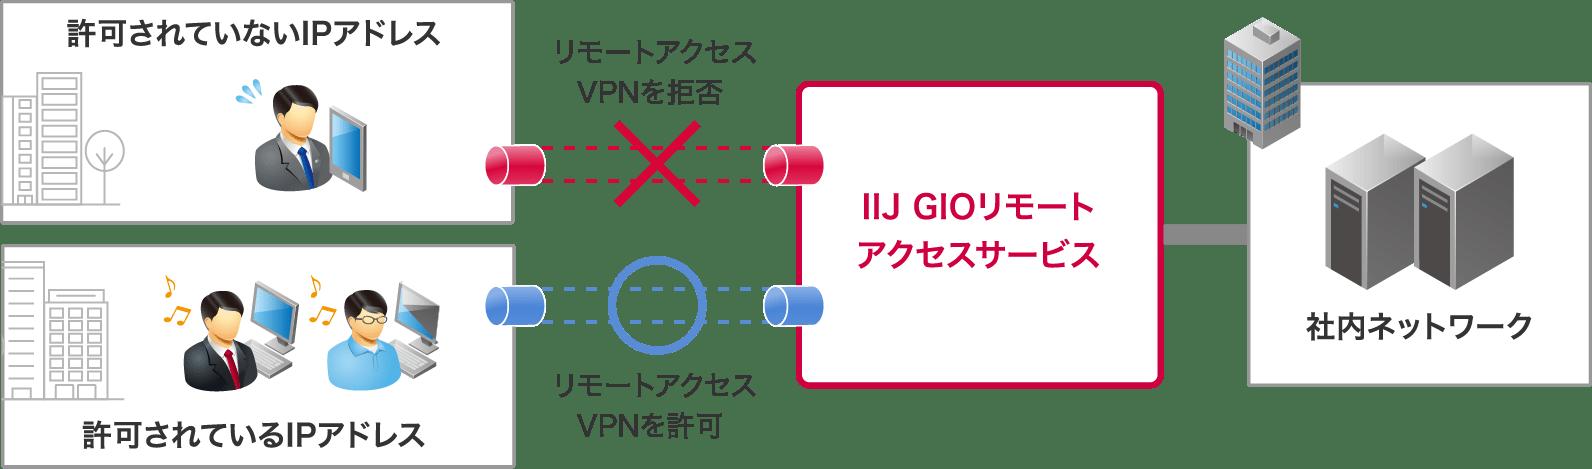 IPアドレスによる認証